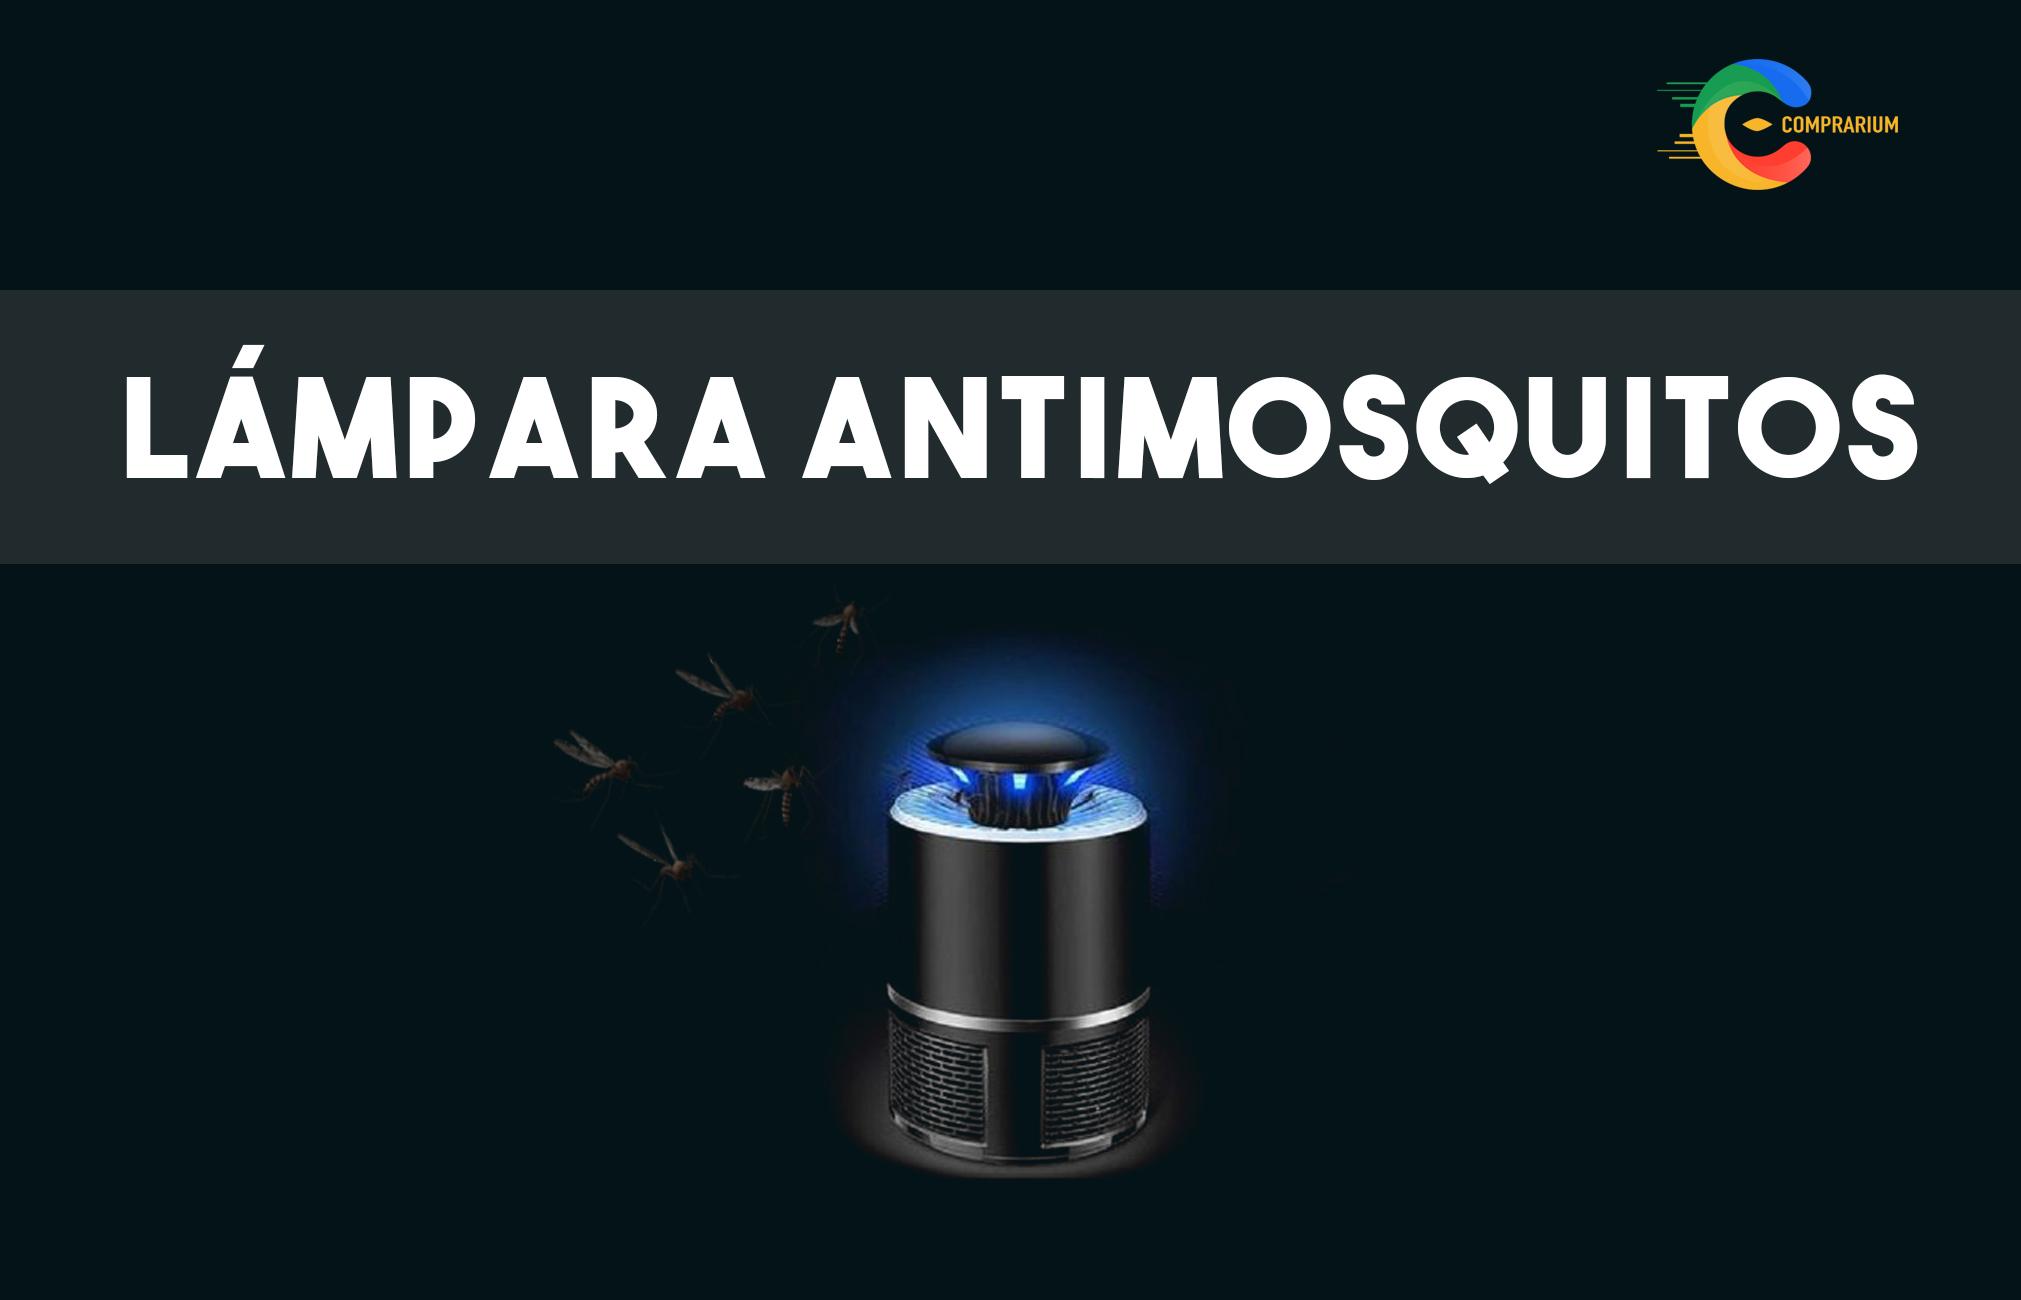 Mejores Lamparas Animosquitos Amazon